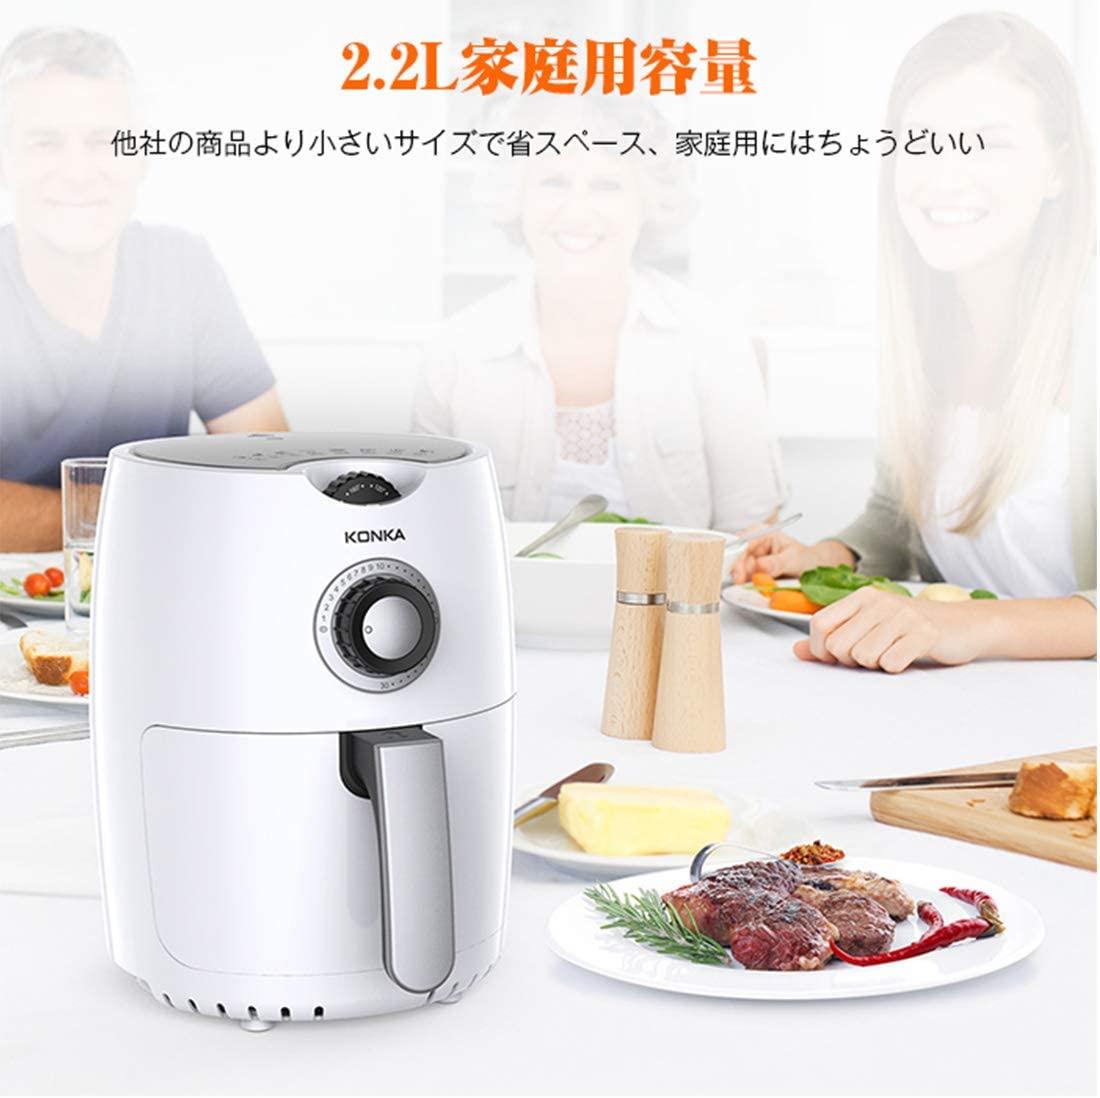 KONKA(コンカ)電気フライヤー 2.2L ホワイトの商品画像7